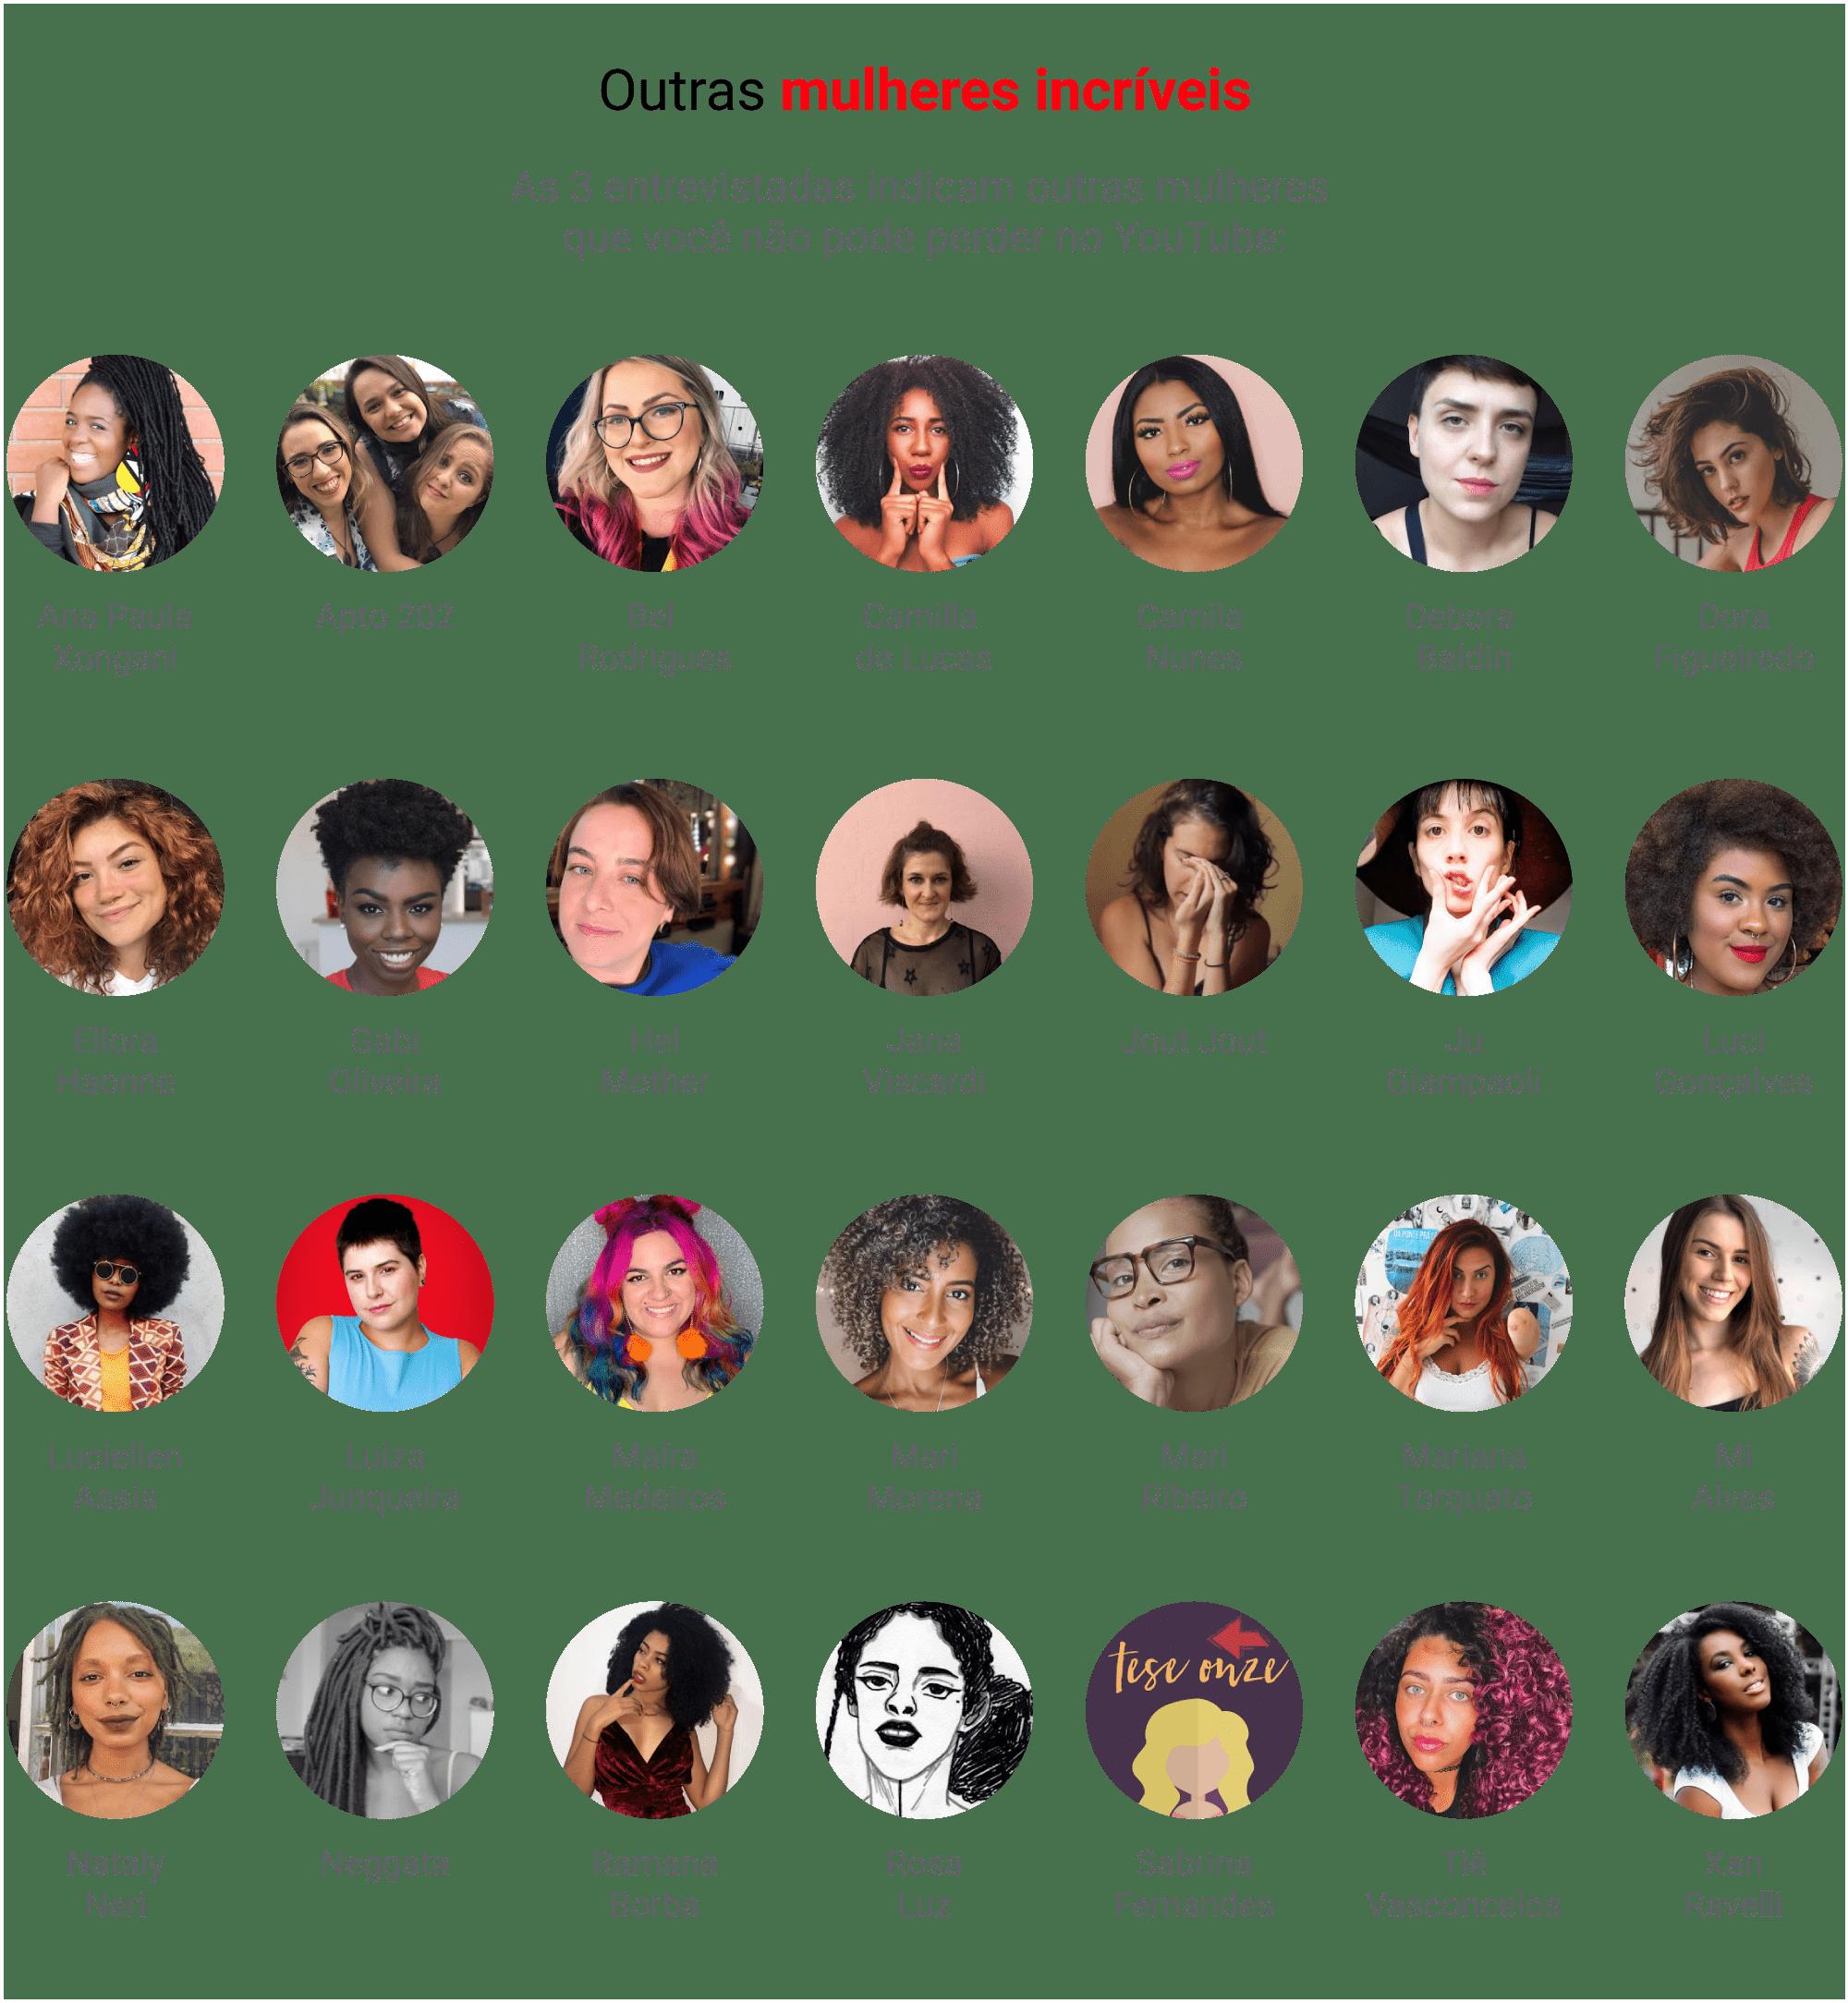 Uma voz para elas: 3 criadoras contam como o YouTube e as empresas podem jogar a favor das mulheres